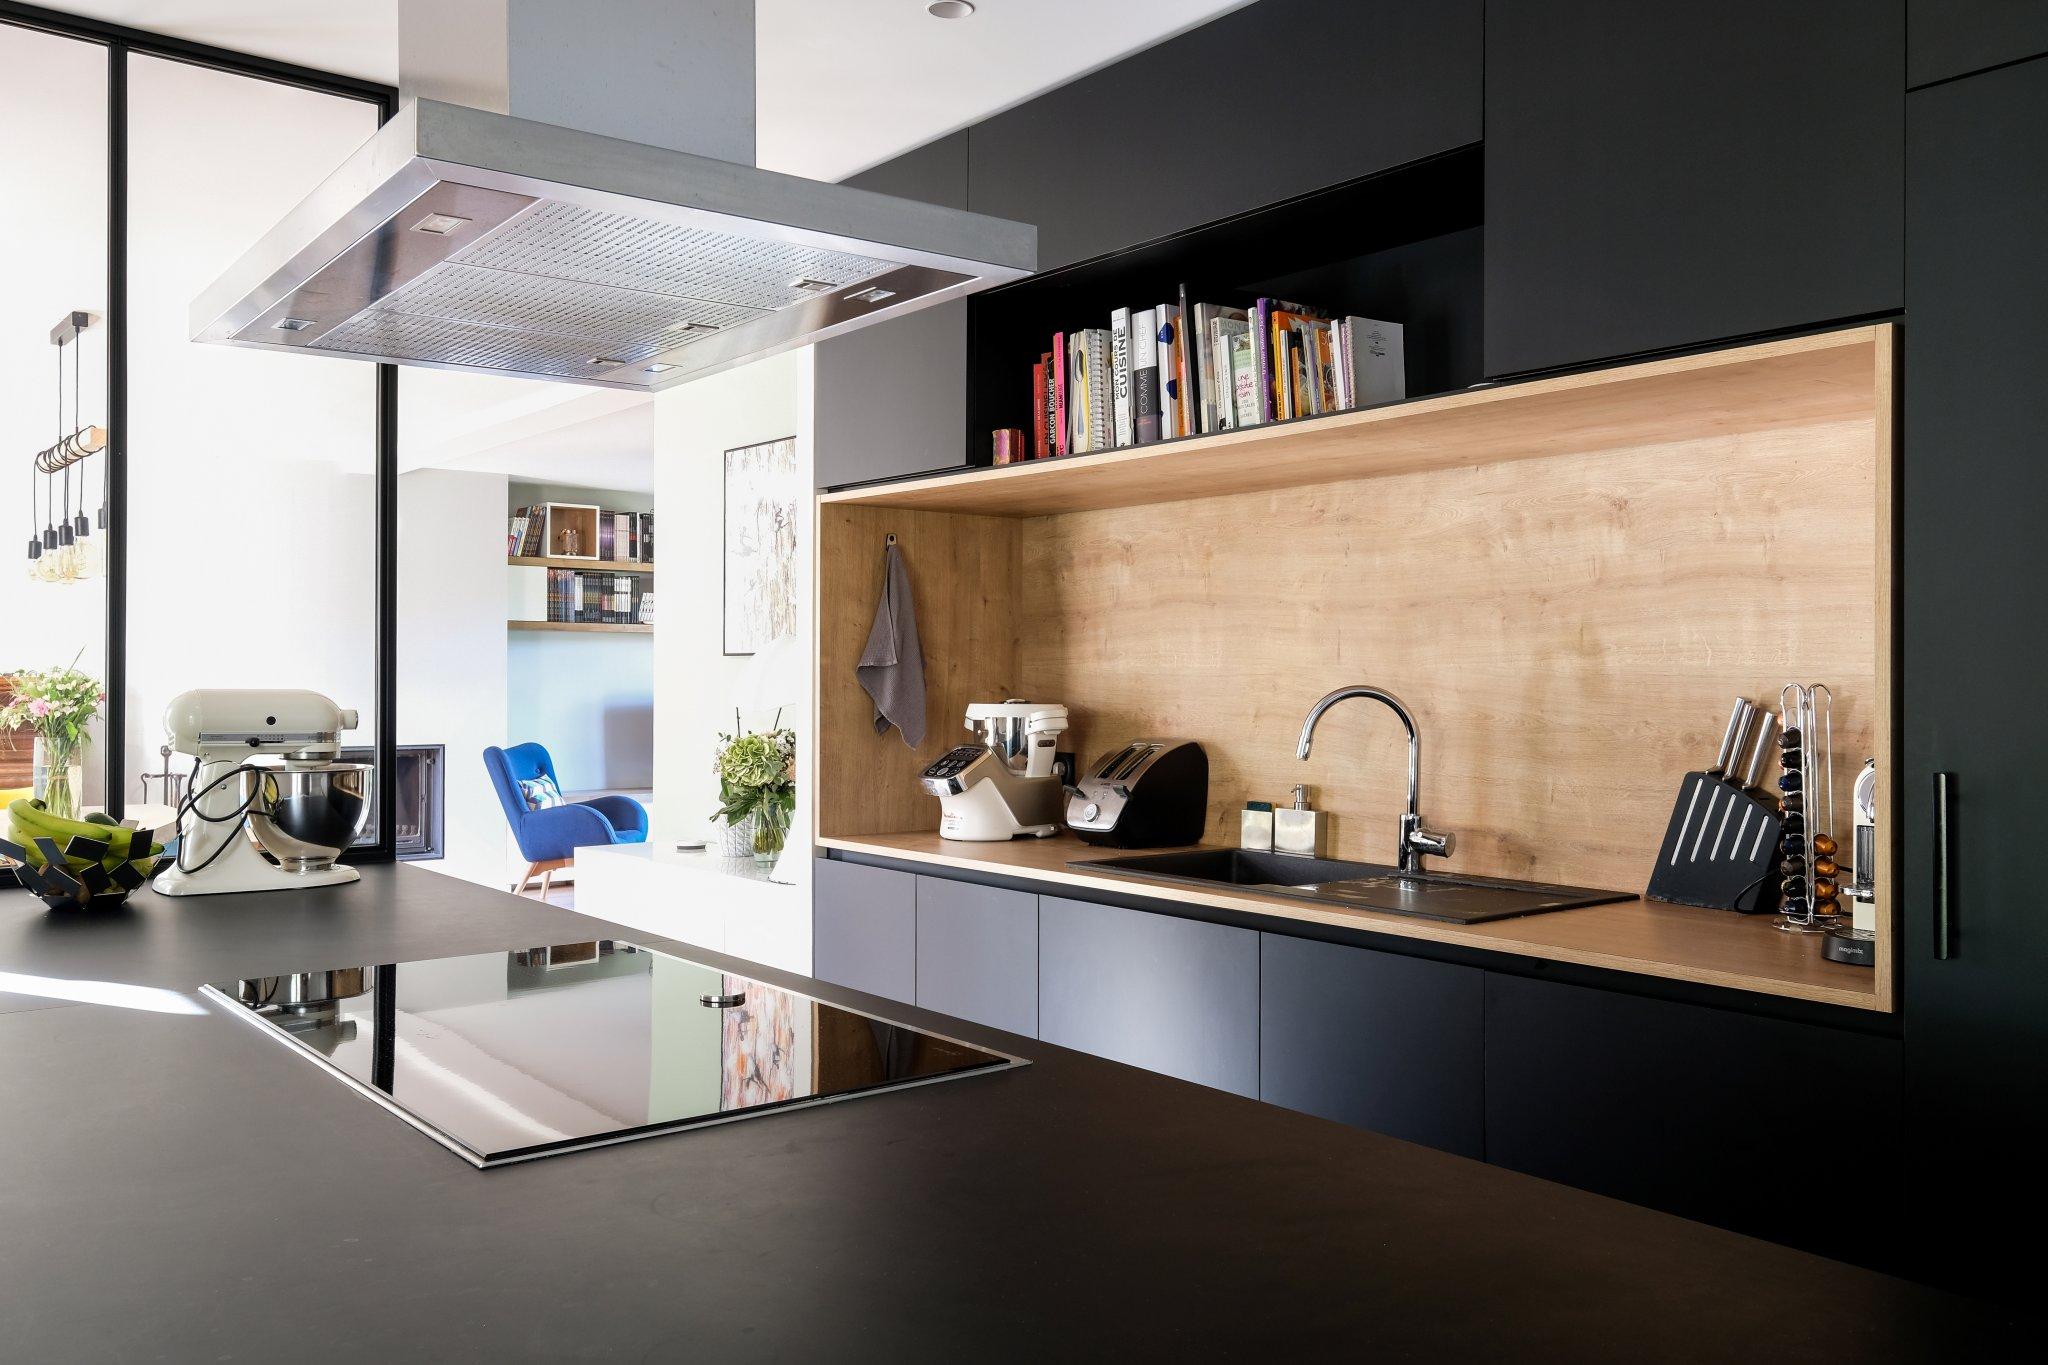 Maison.lyon.verrière.cuisine.fenix.cheminée.salon.marlene Reynard.architecture.decoration (19)